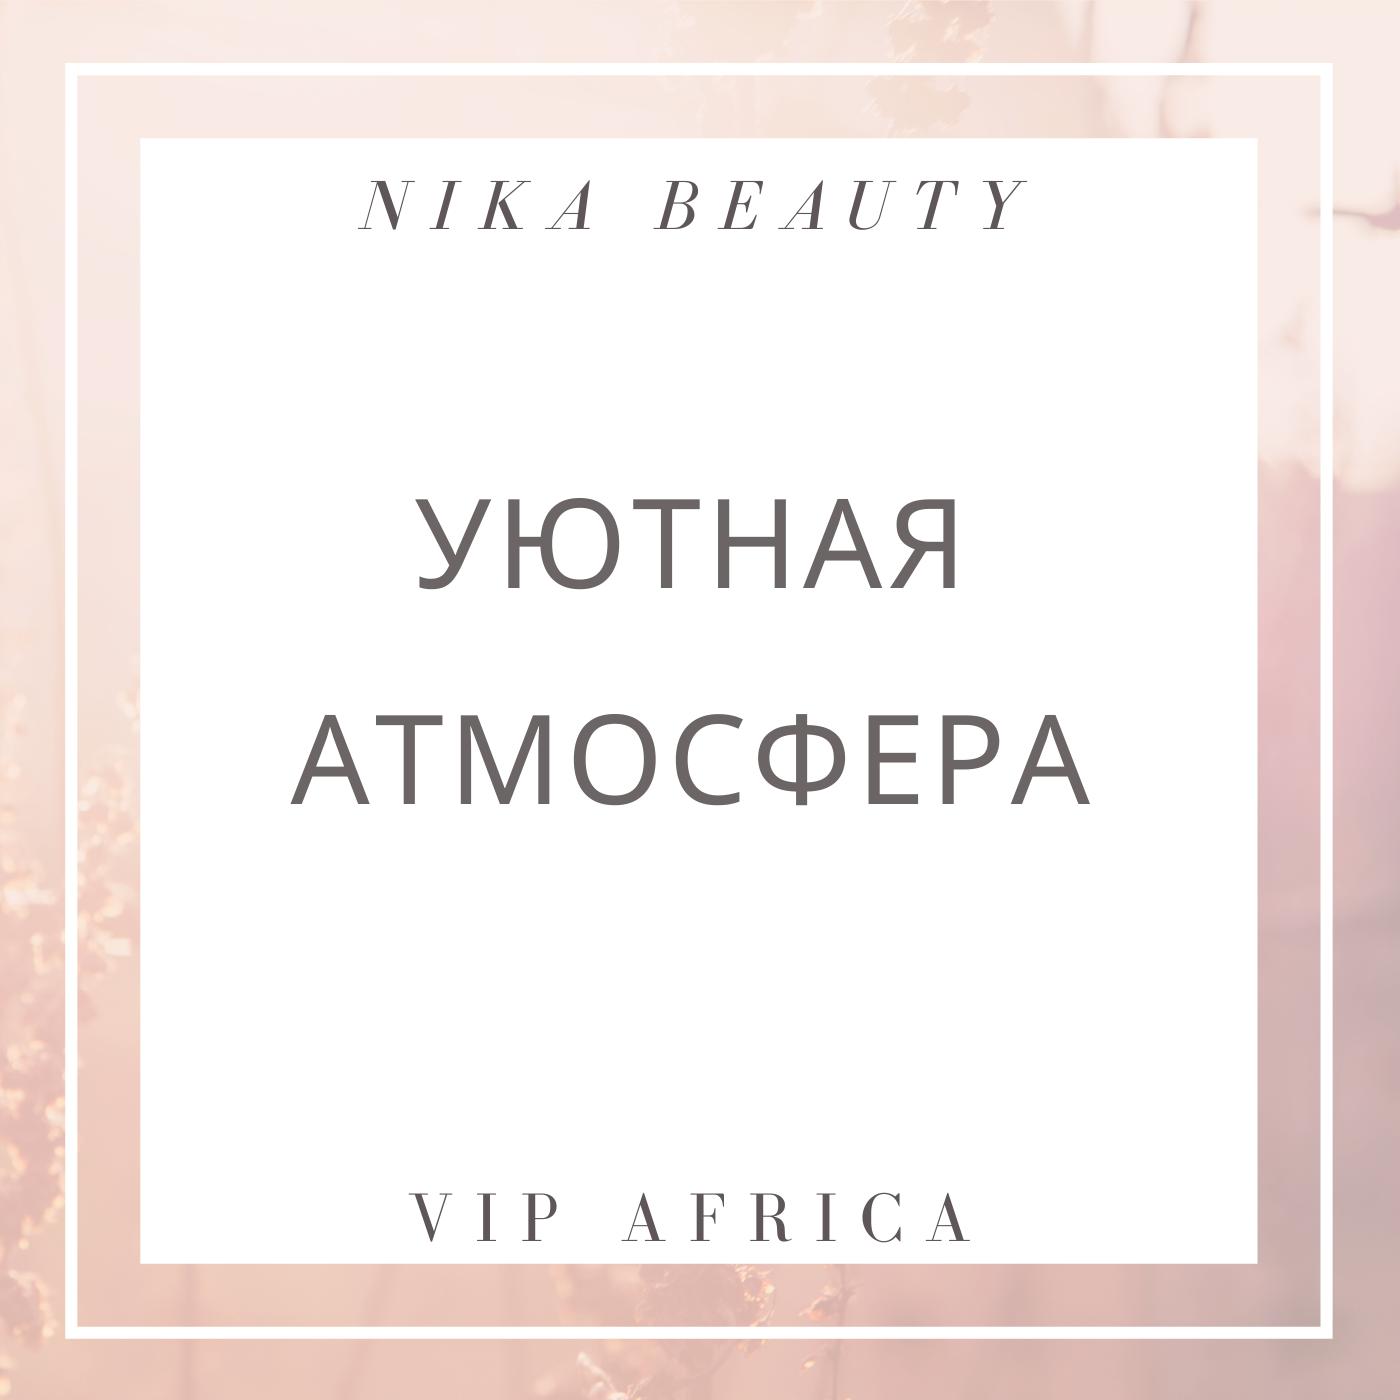 косметолог обучение в салонах Ника и Африка